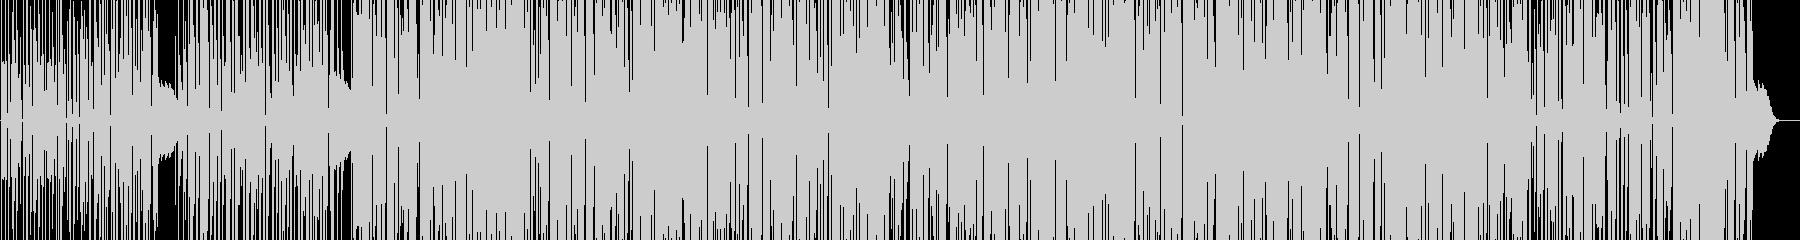 躍動感のある、やや無機質なテクノの未再生の波形